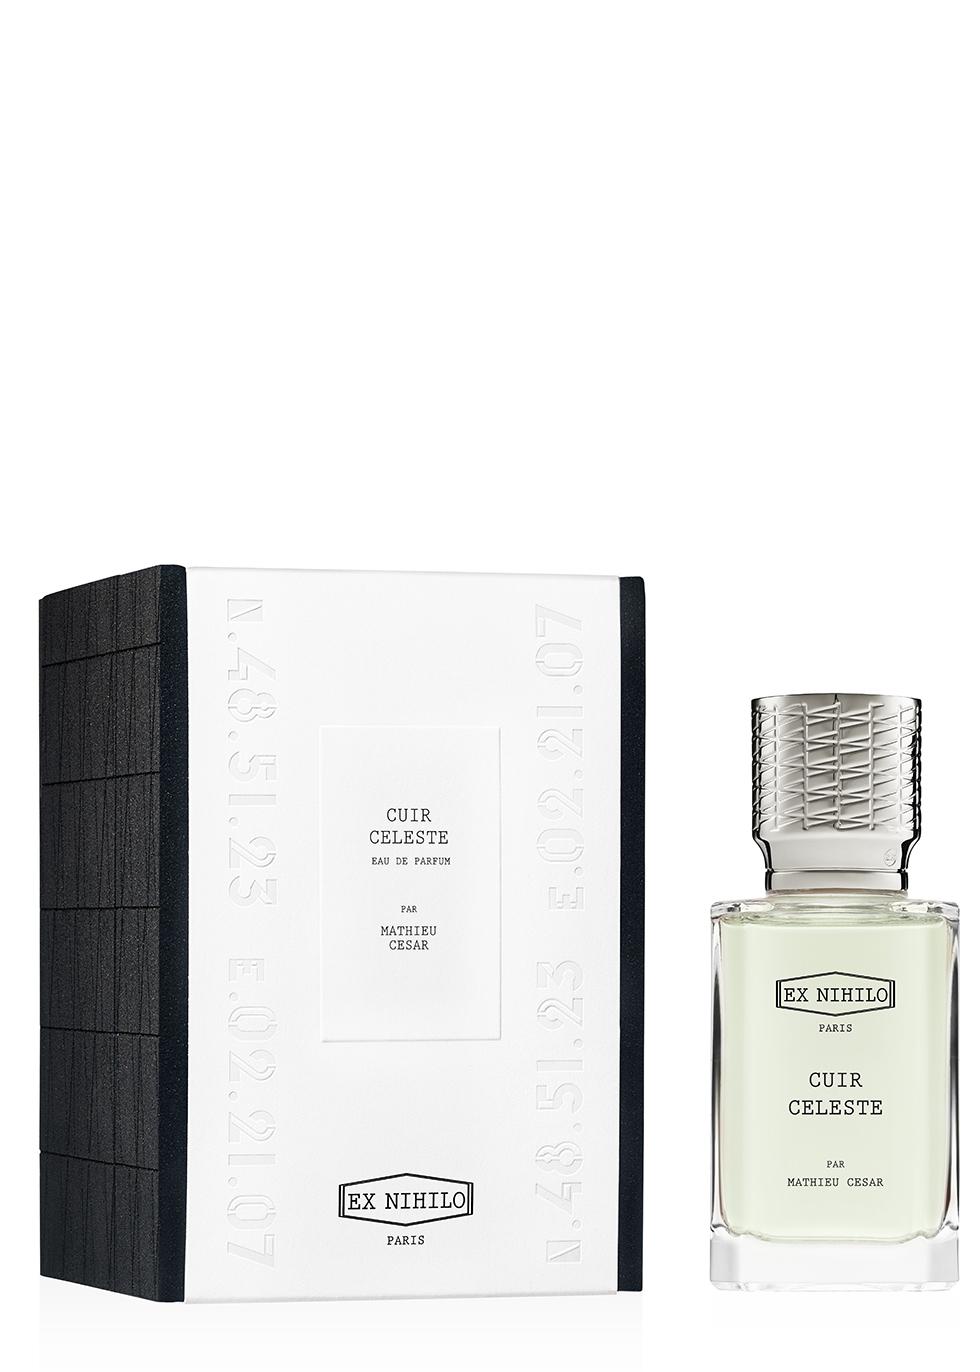 Cuir Celeste Eau De Parfum 50ml - Ex Nihilo